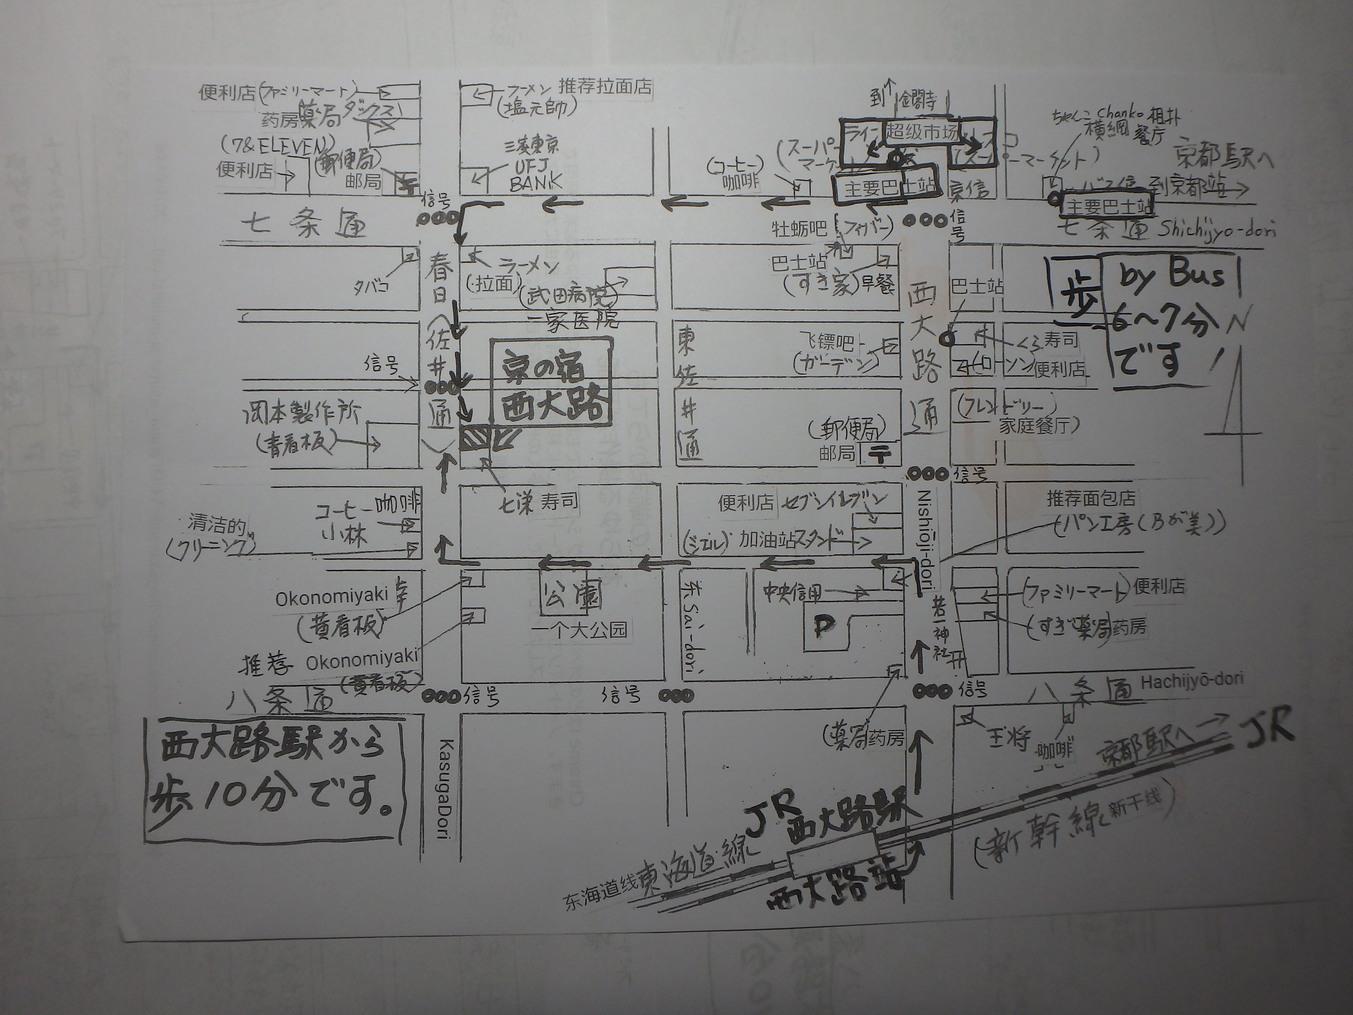 ゲストハウスへの地図です。中国語